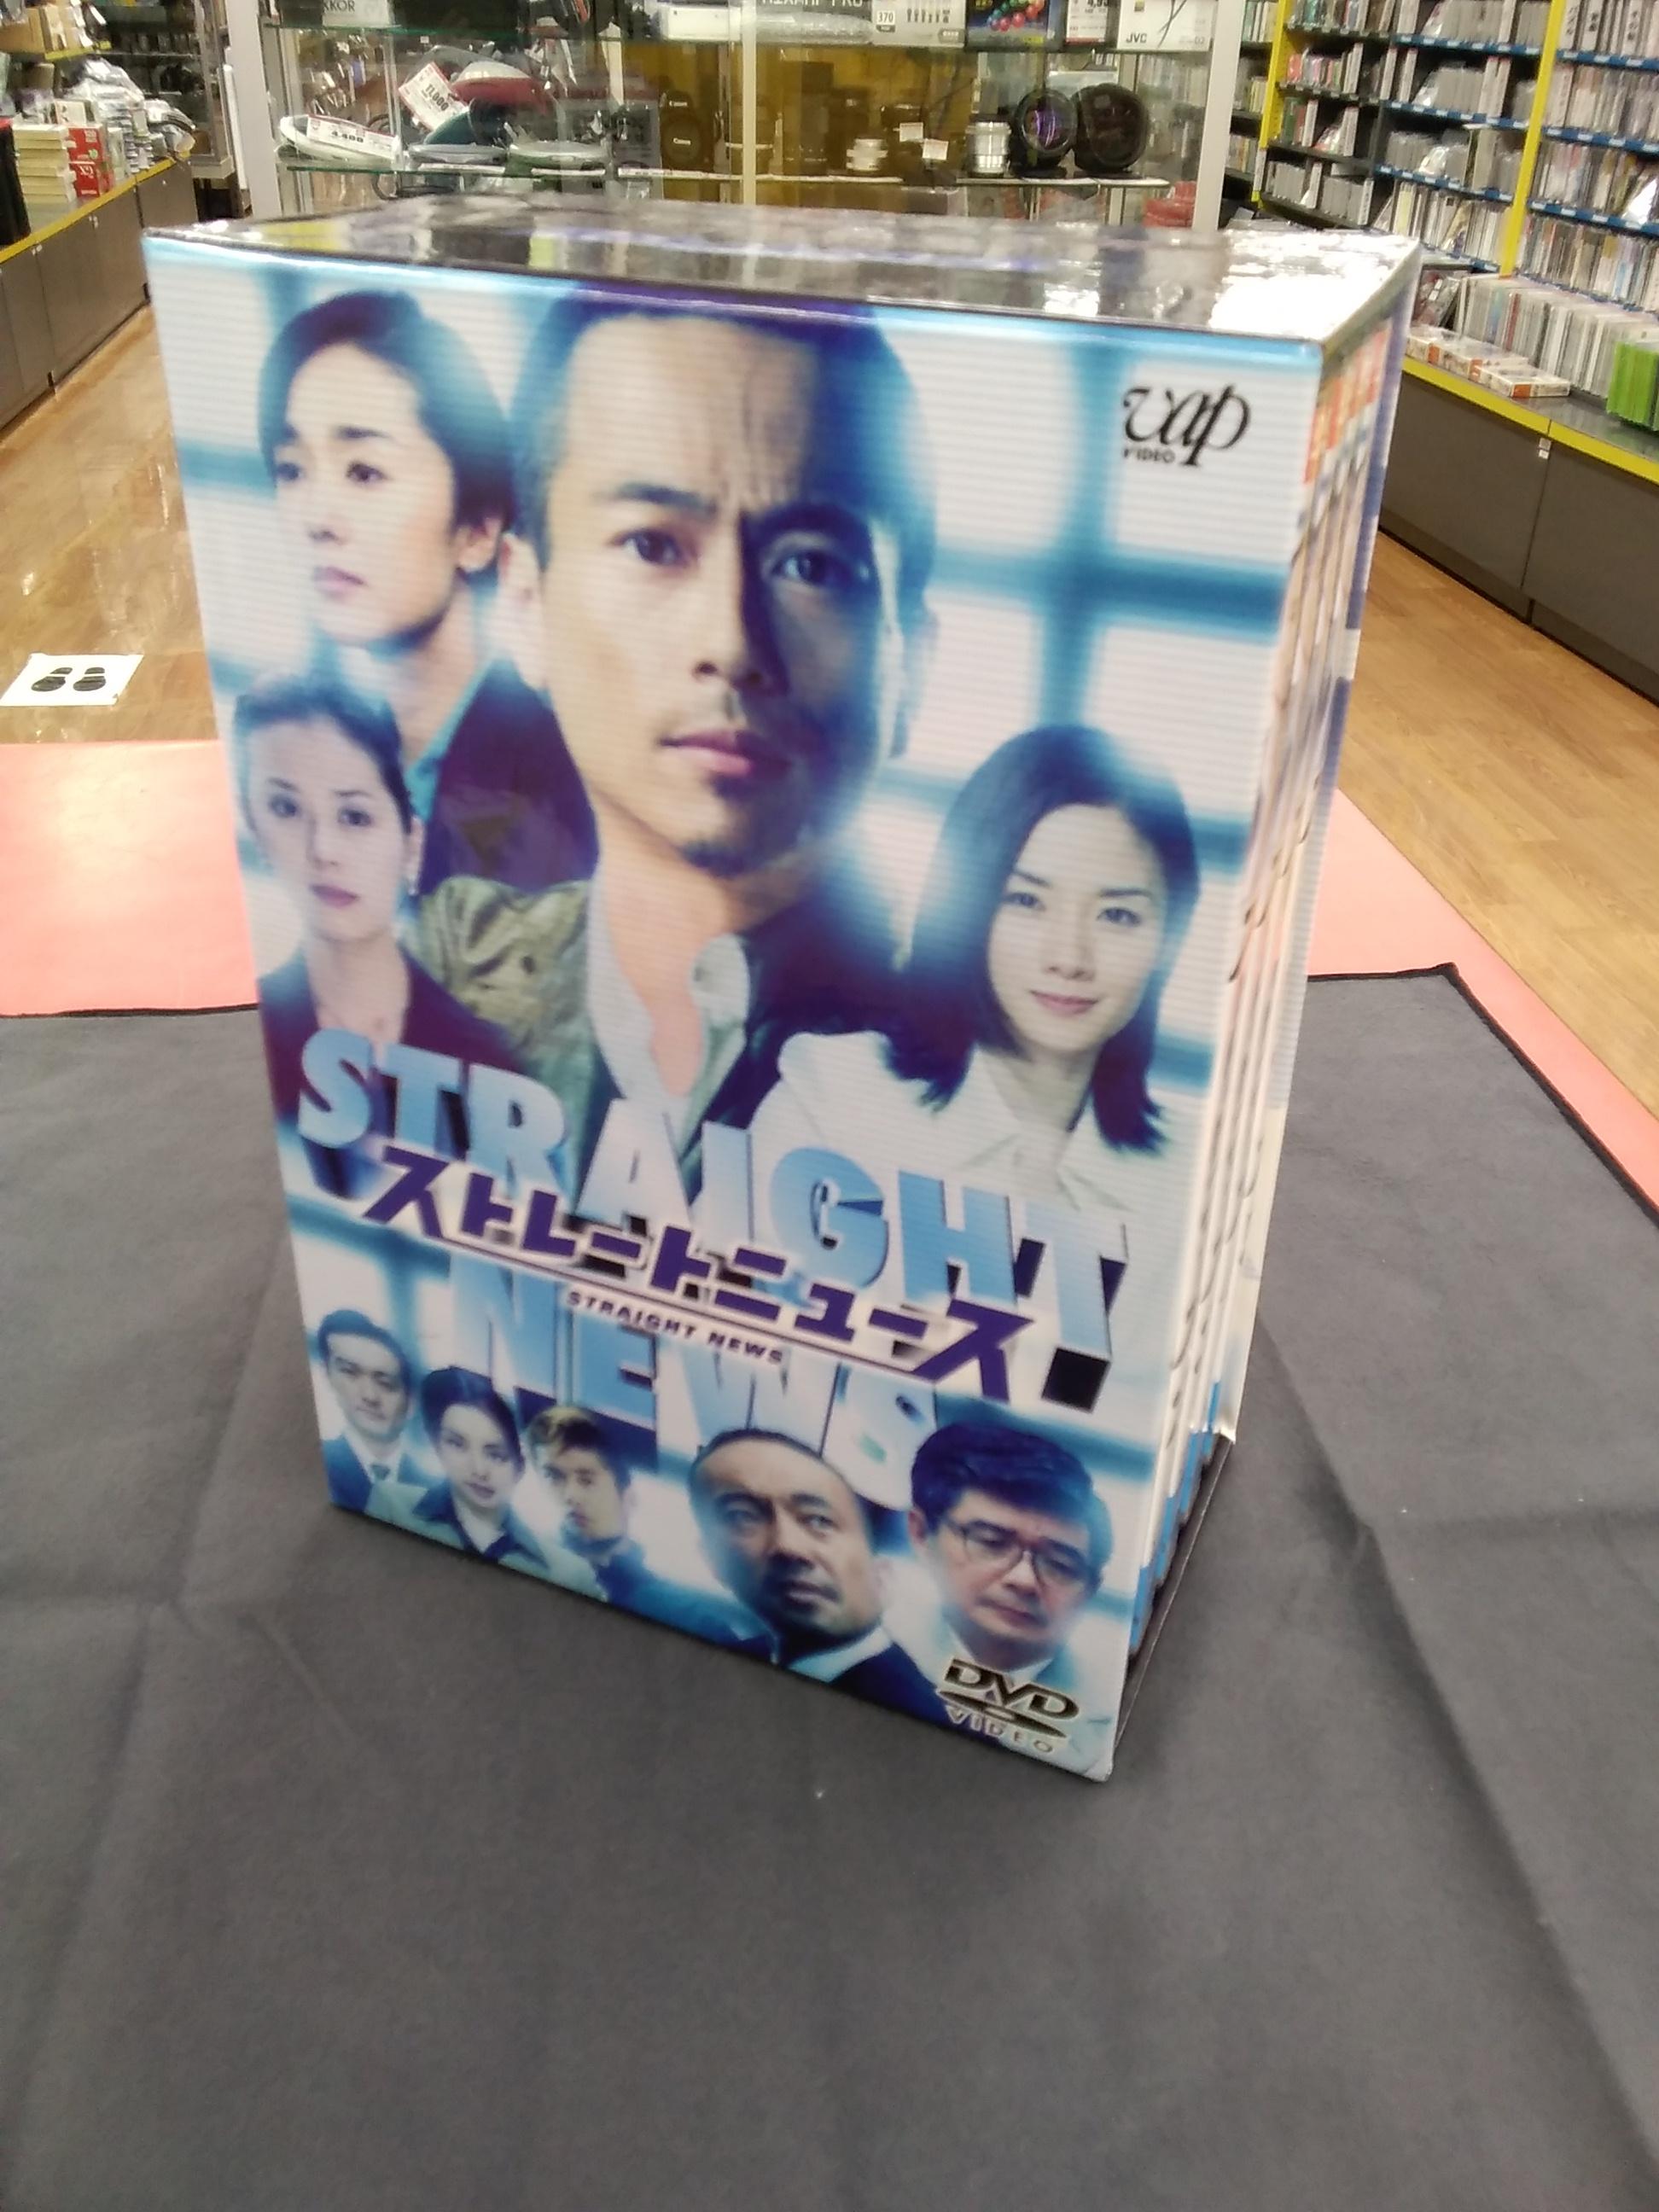 映画/ドラマ VAP VIDEO